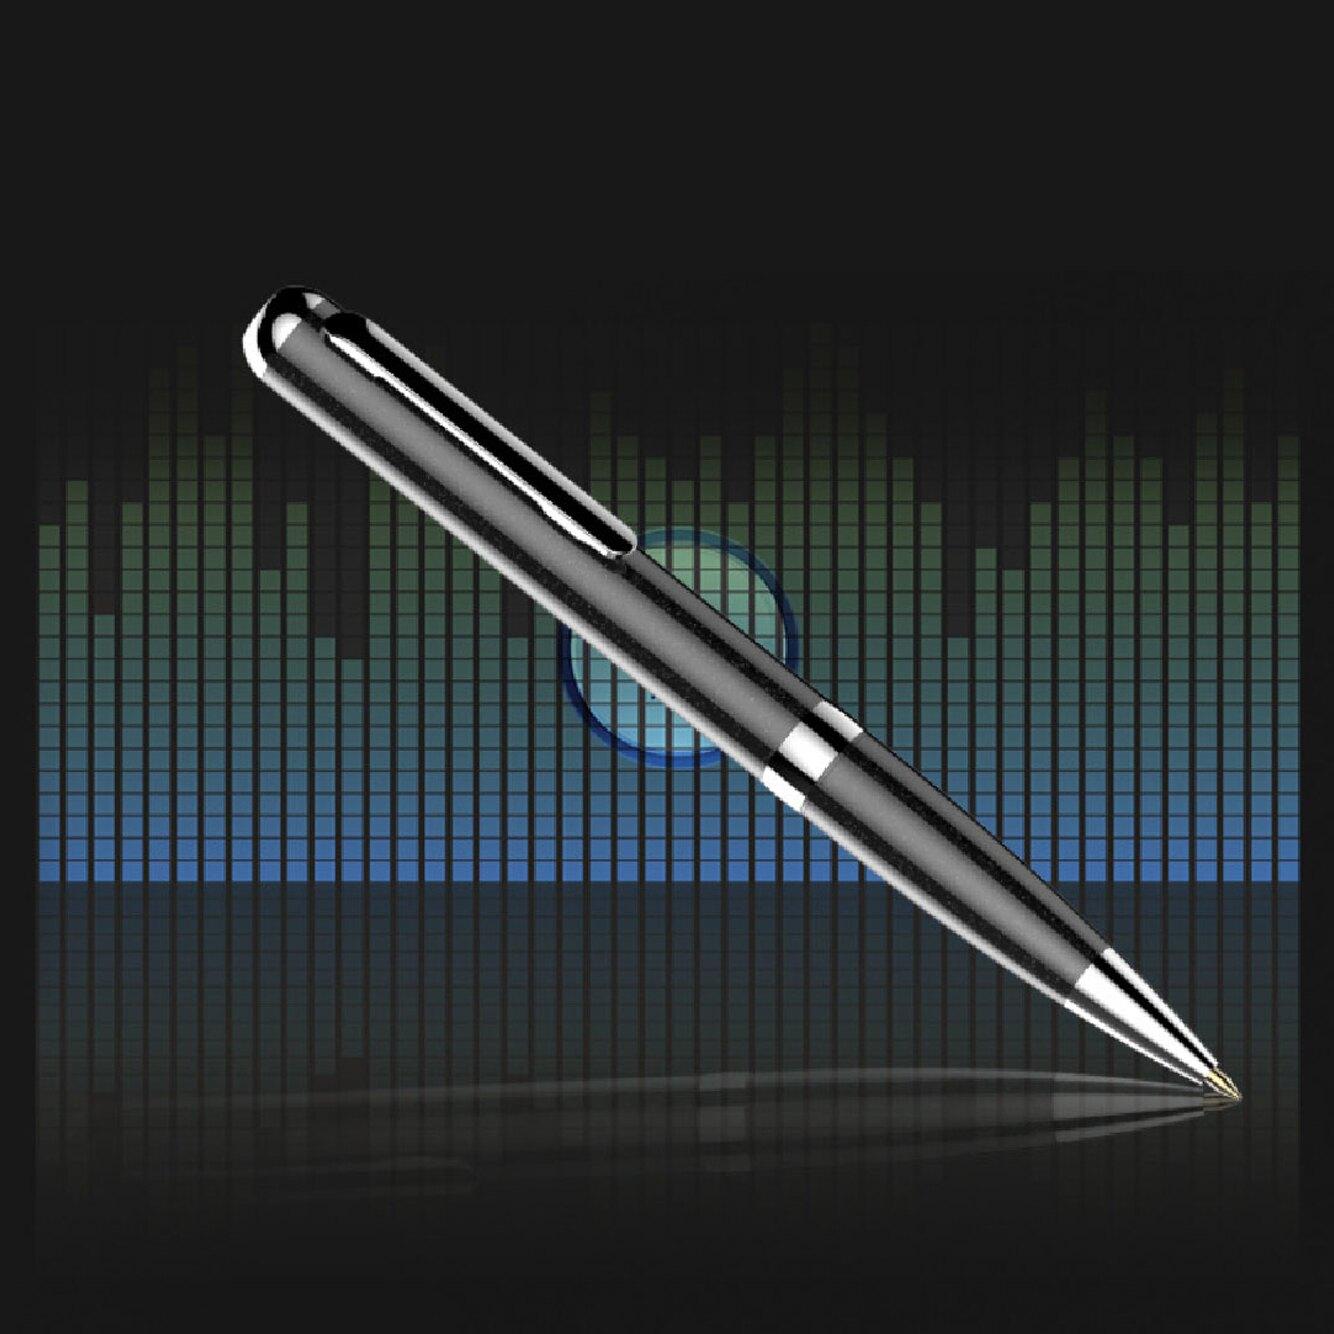 【現貨】鋼筆形錄音筆Q96 內建32G 高清降噪錄音 (上課、會議 便攜錄音)